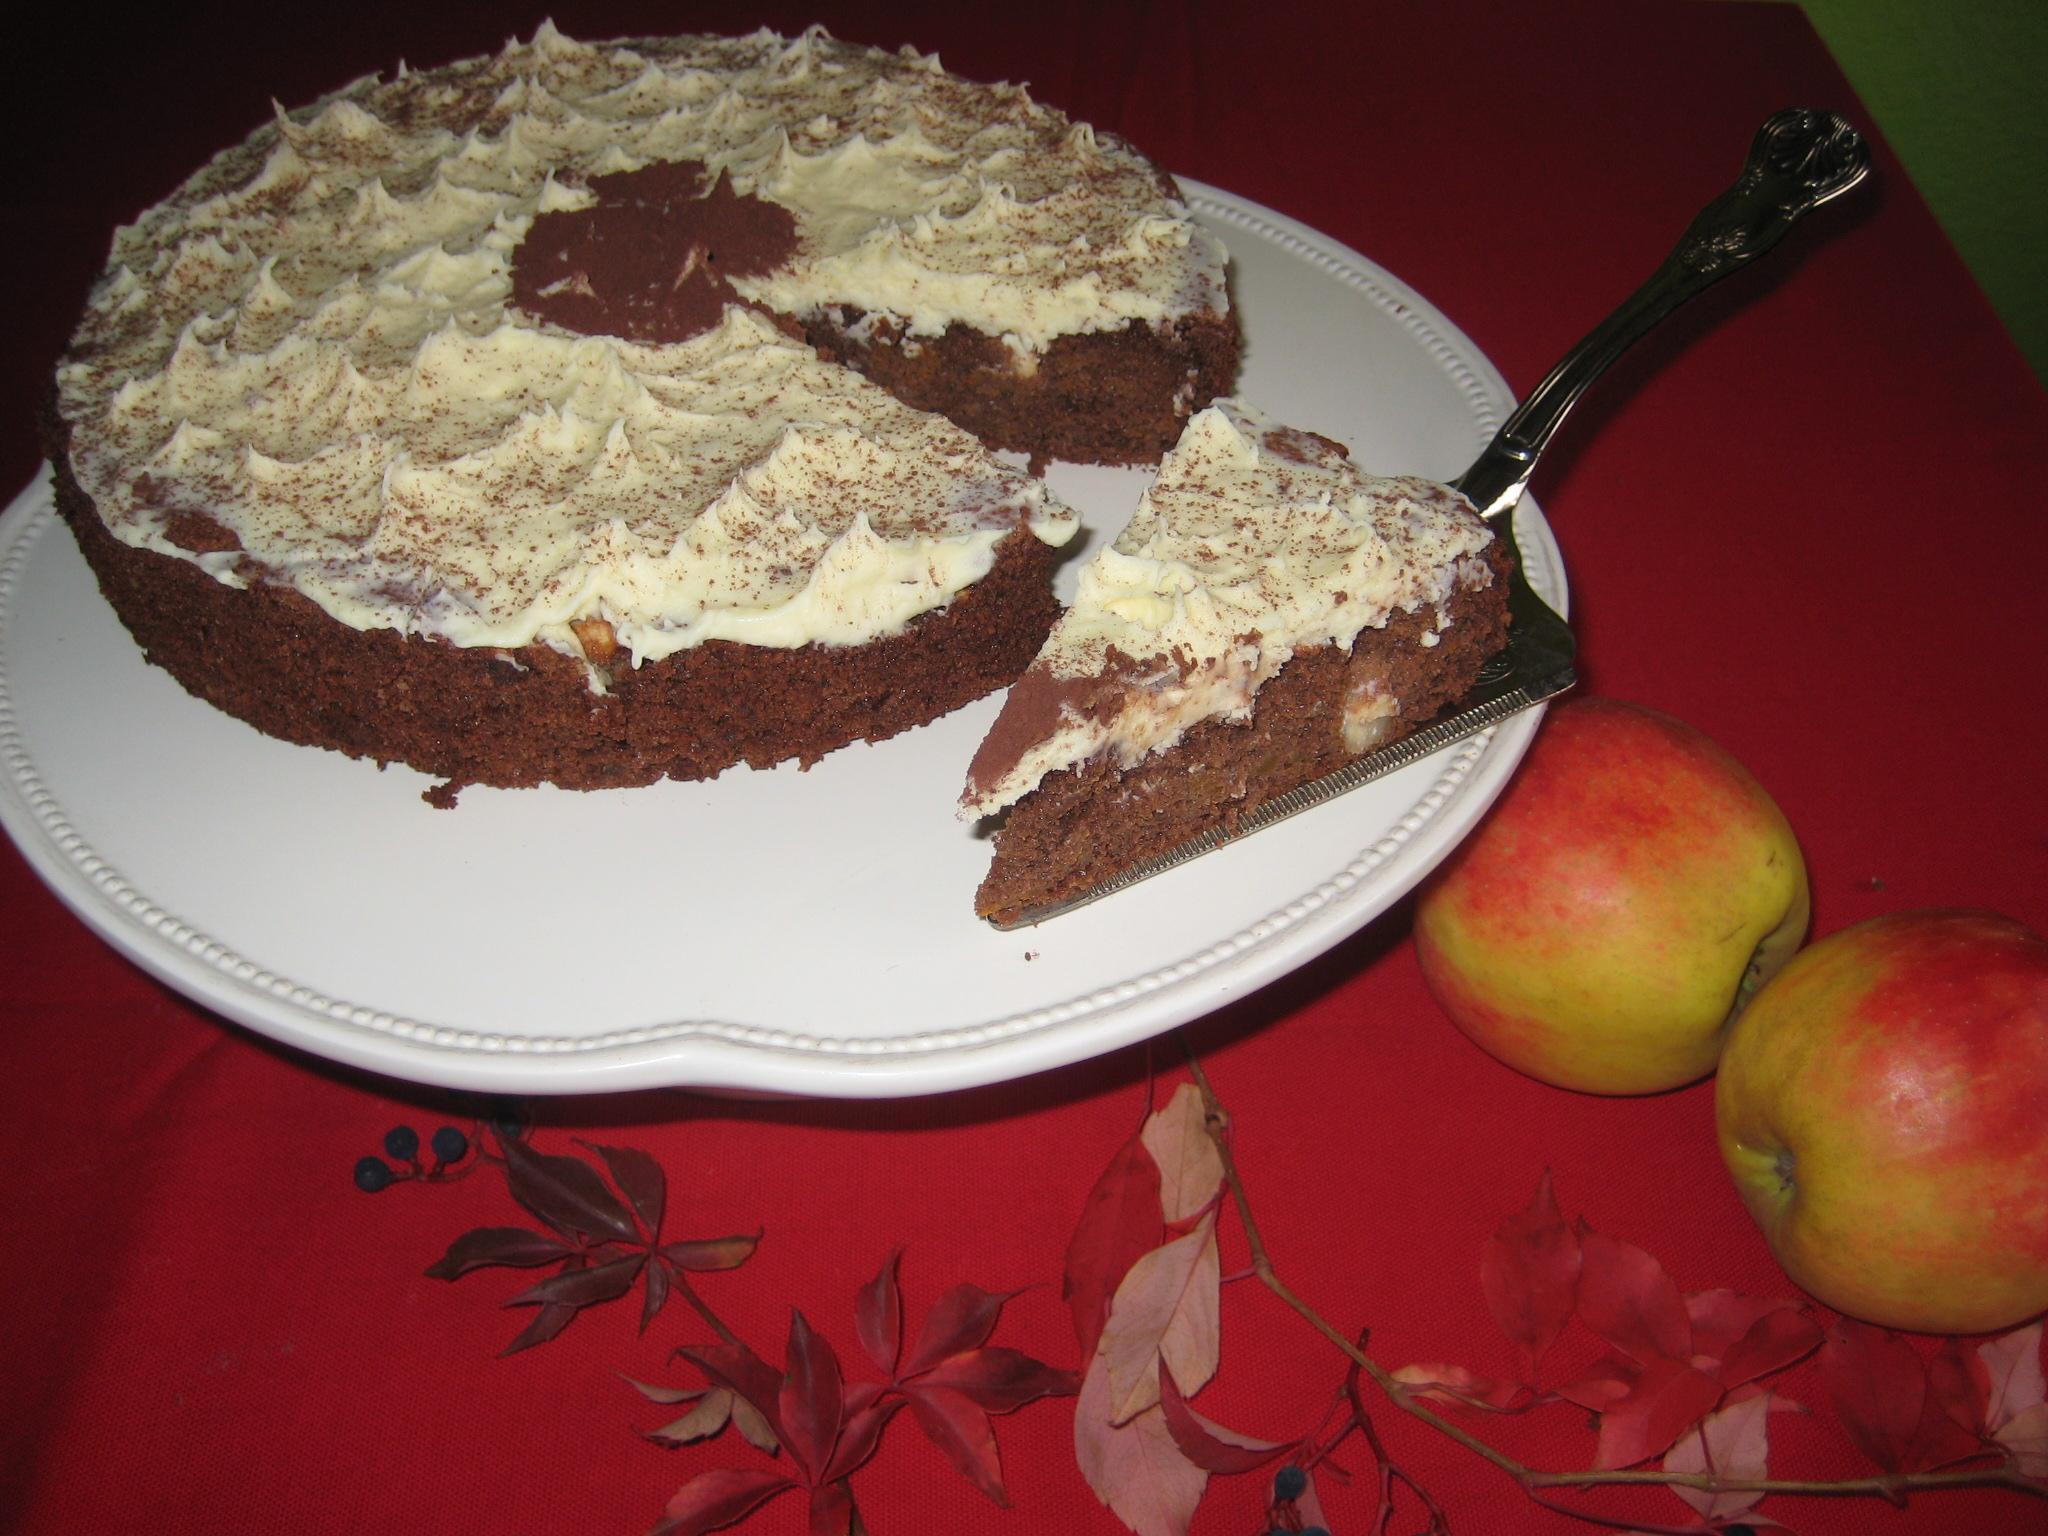 Marisol R. hat diesen leckeren Espressokuchen mit Kürbis und Schokoladenganache für uns.